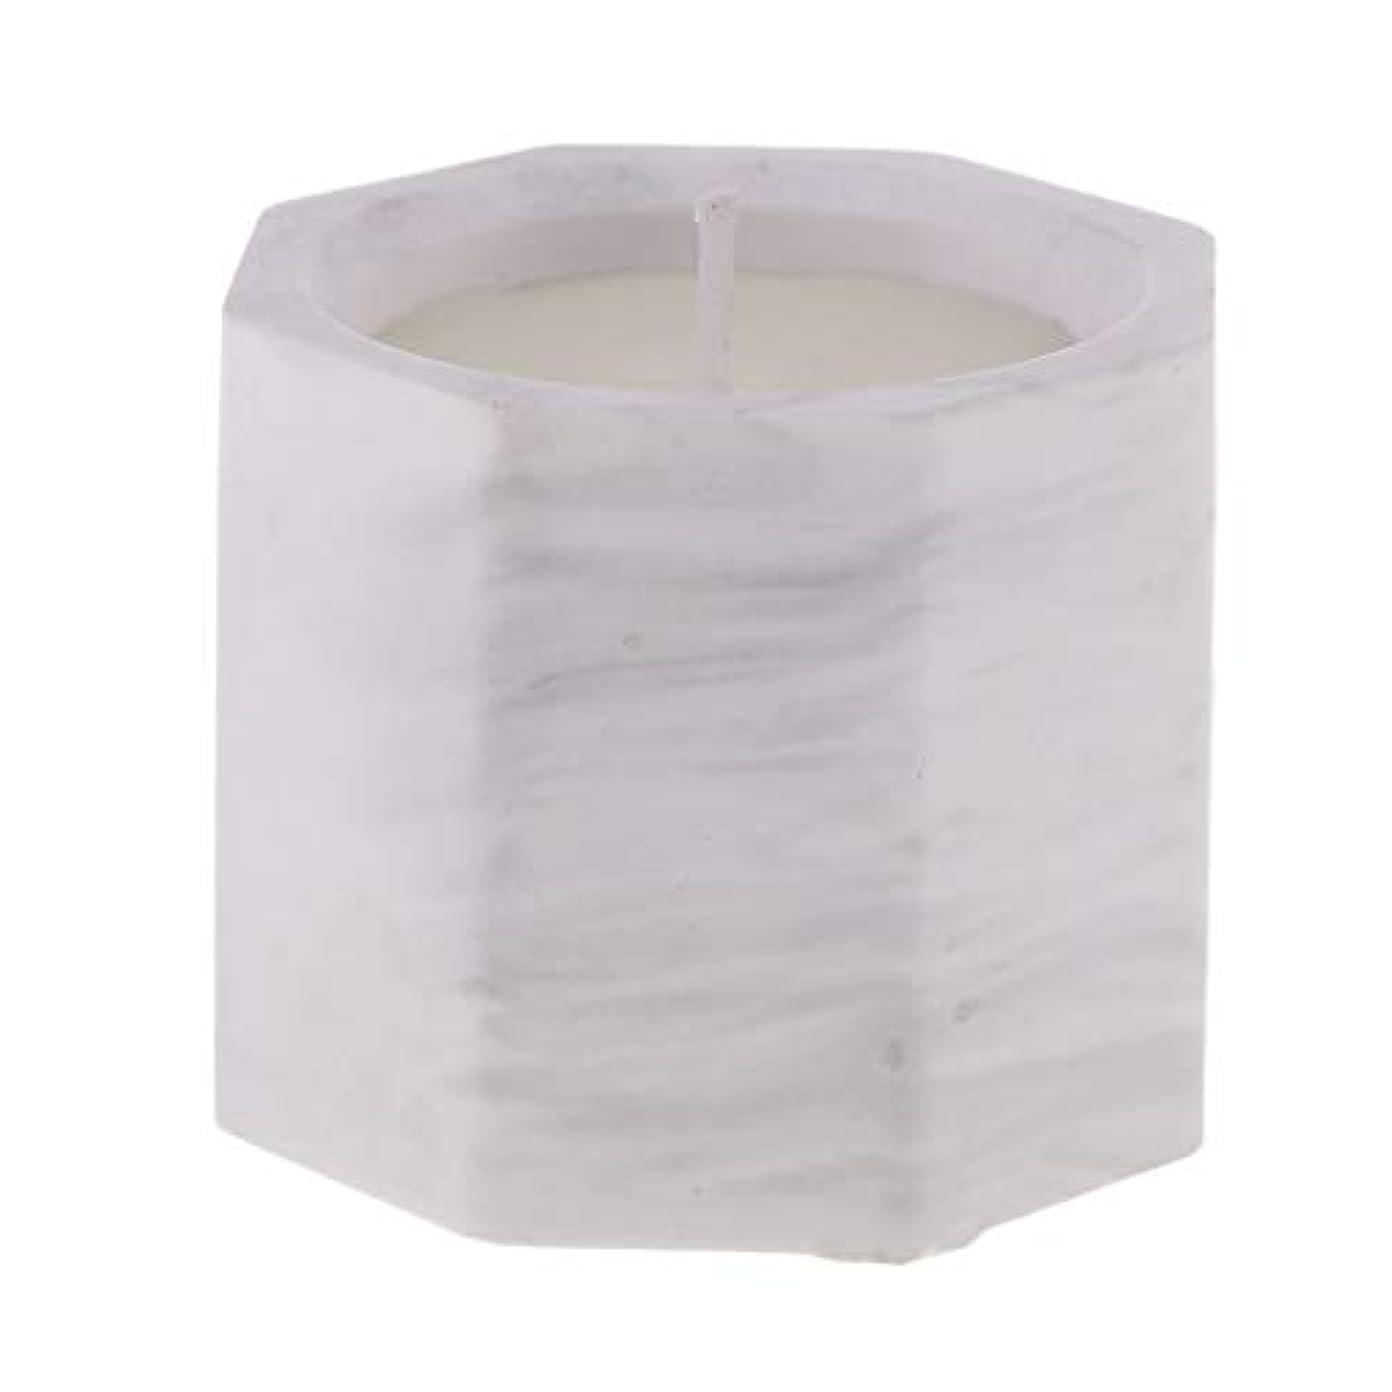 毎日抜け目がないスクレーパーアロマキャンドル オクタゴン形 香りキャンドル 友人用 誕生日用 家族用 約58mm